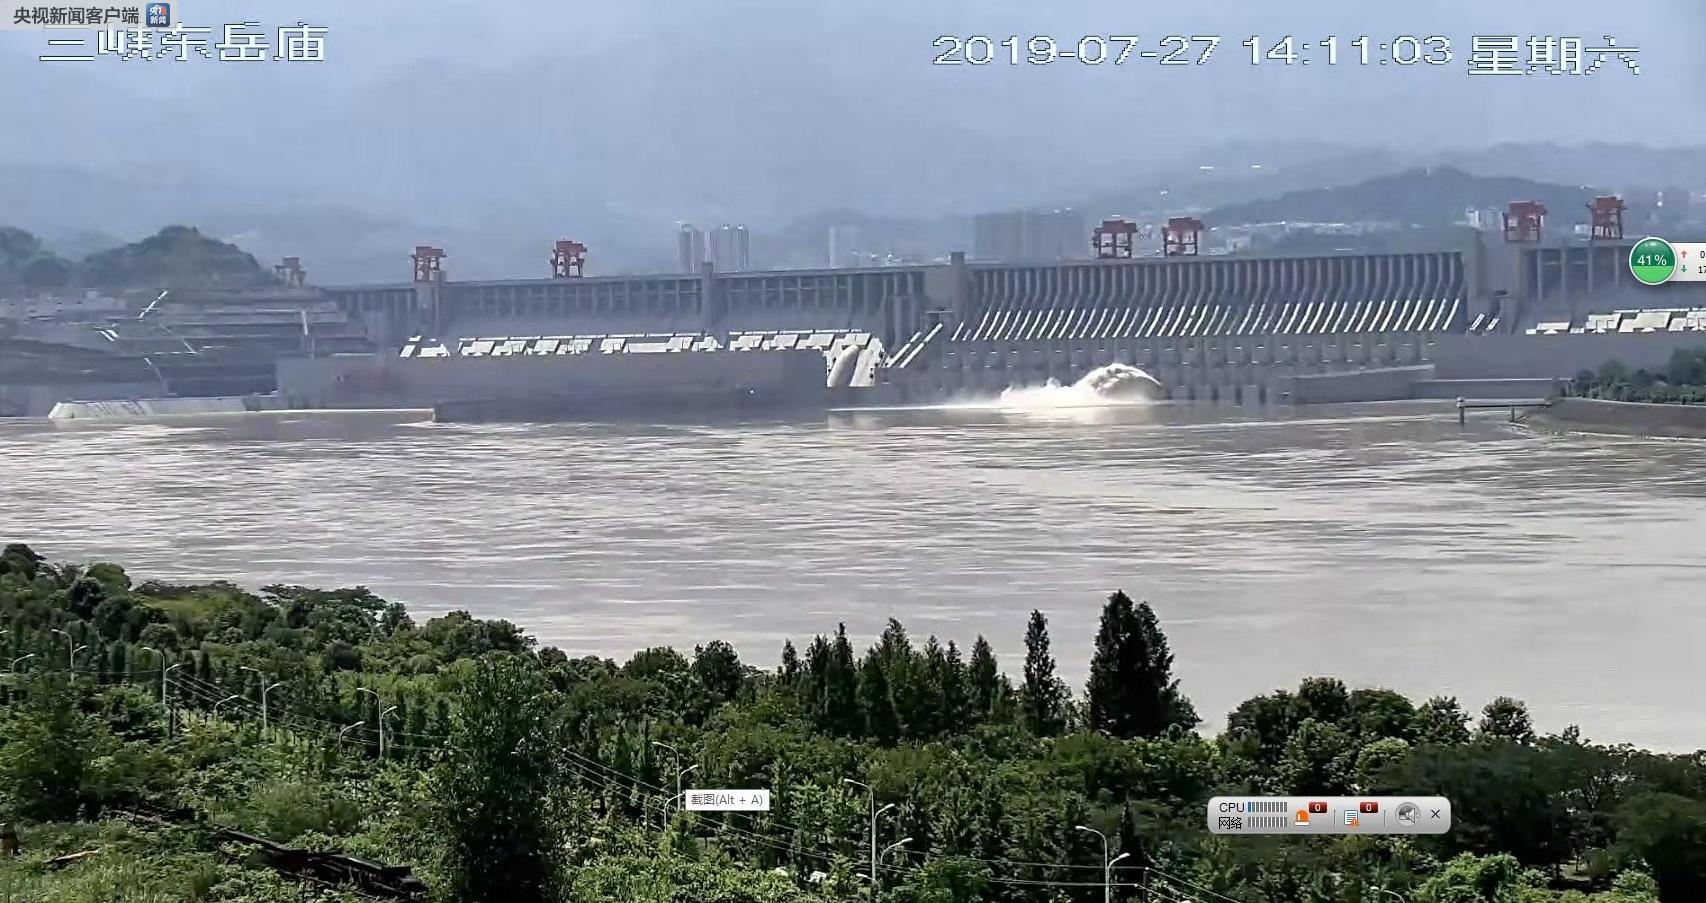 今年可能发生较大洪水